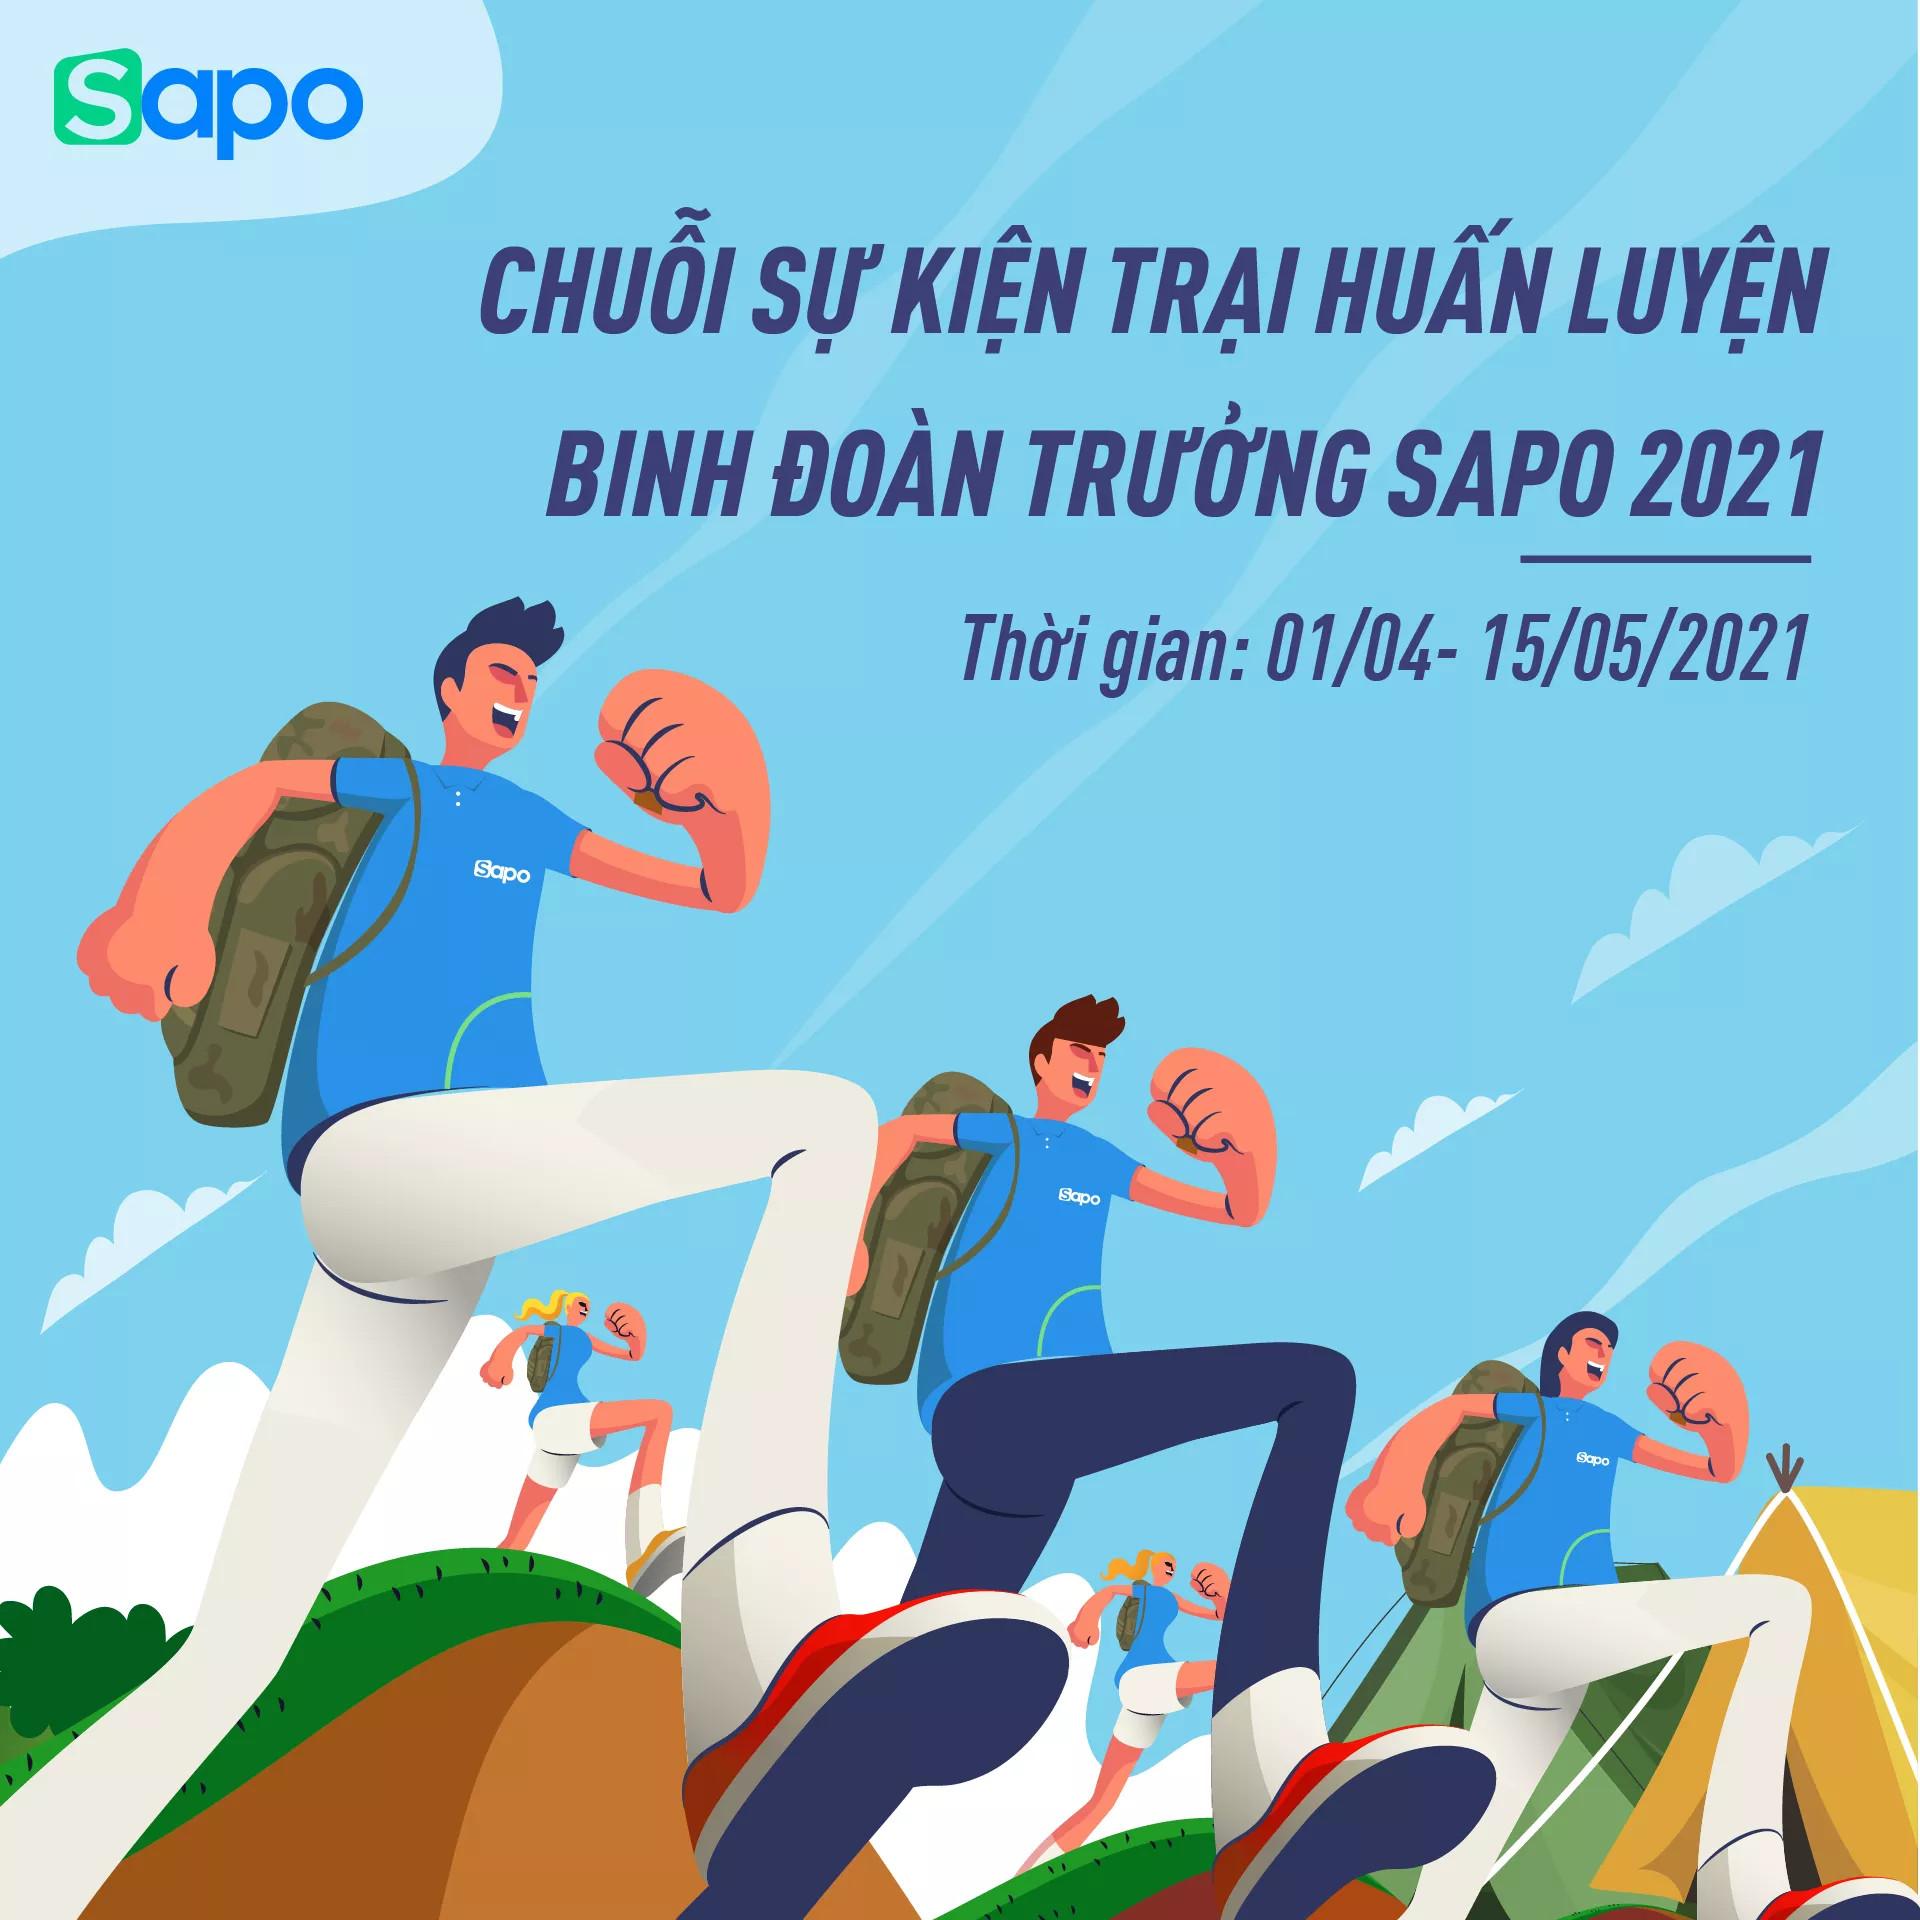 Trại huấn luyện binh đoàn trưởng Sapo 2021 có gì?